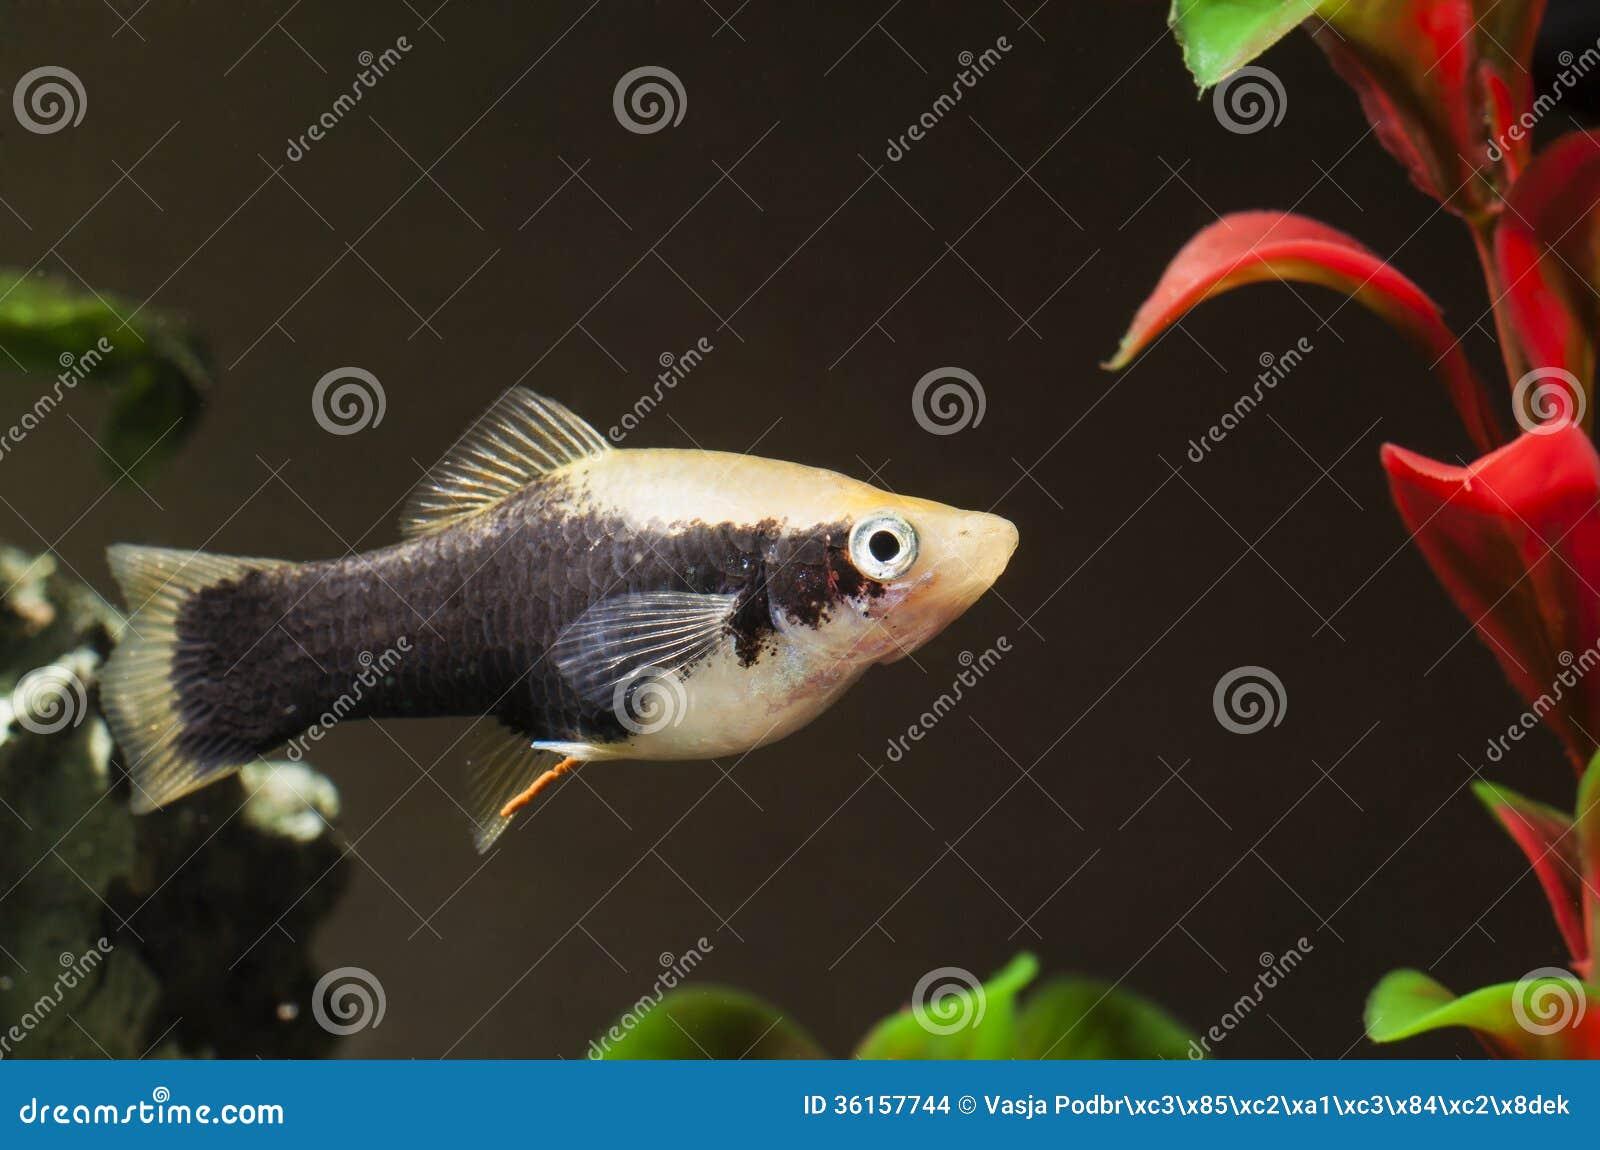 Aquarium fish stock images image 36157744 for Small pet fish